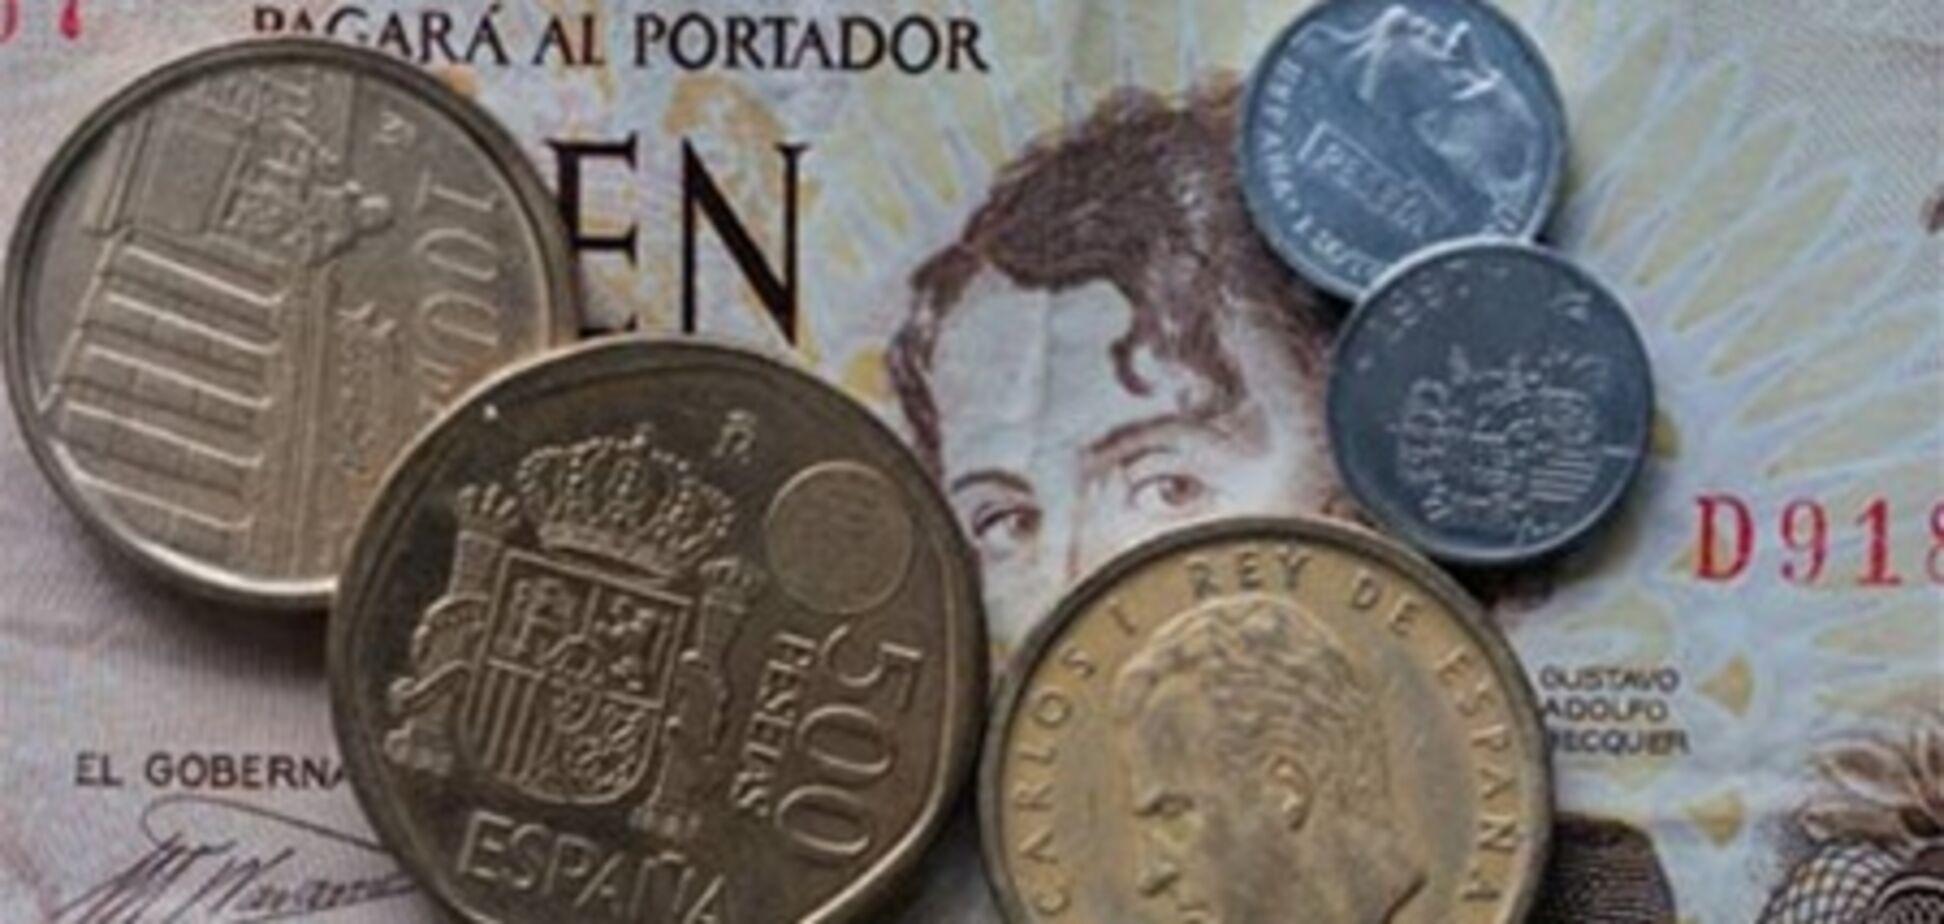 Останки зниклого 20 років тому іспанця знайшли в його будинку